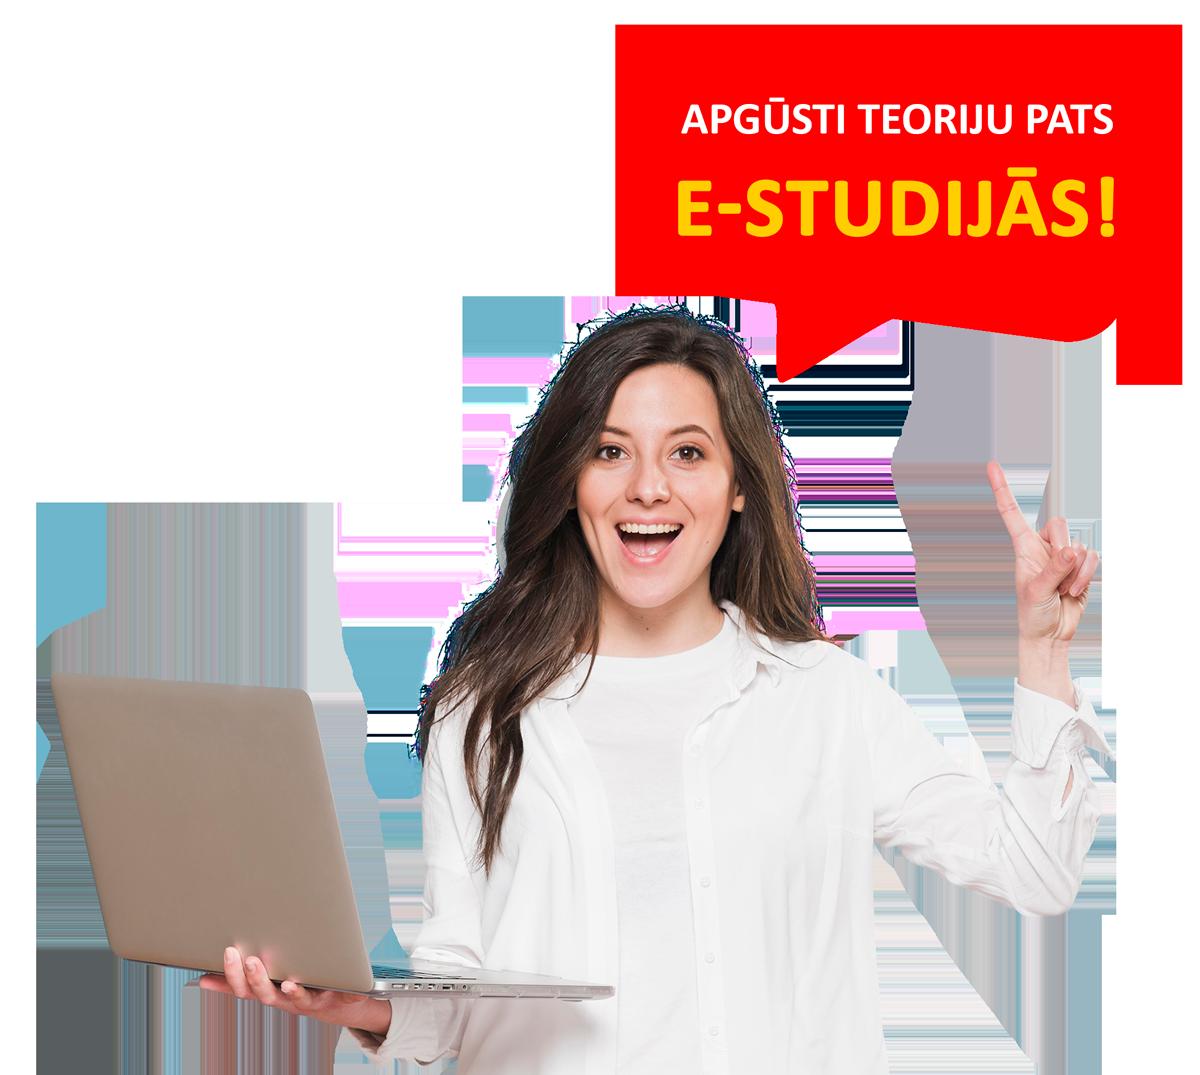 E-STUDIJA